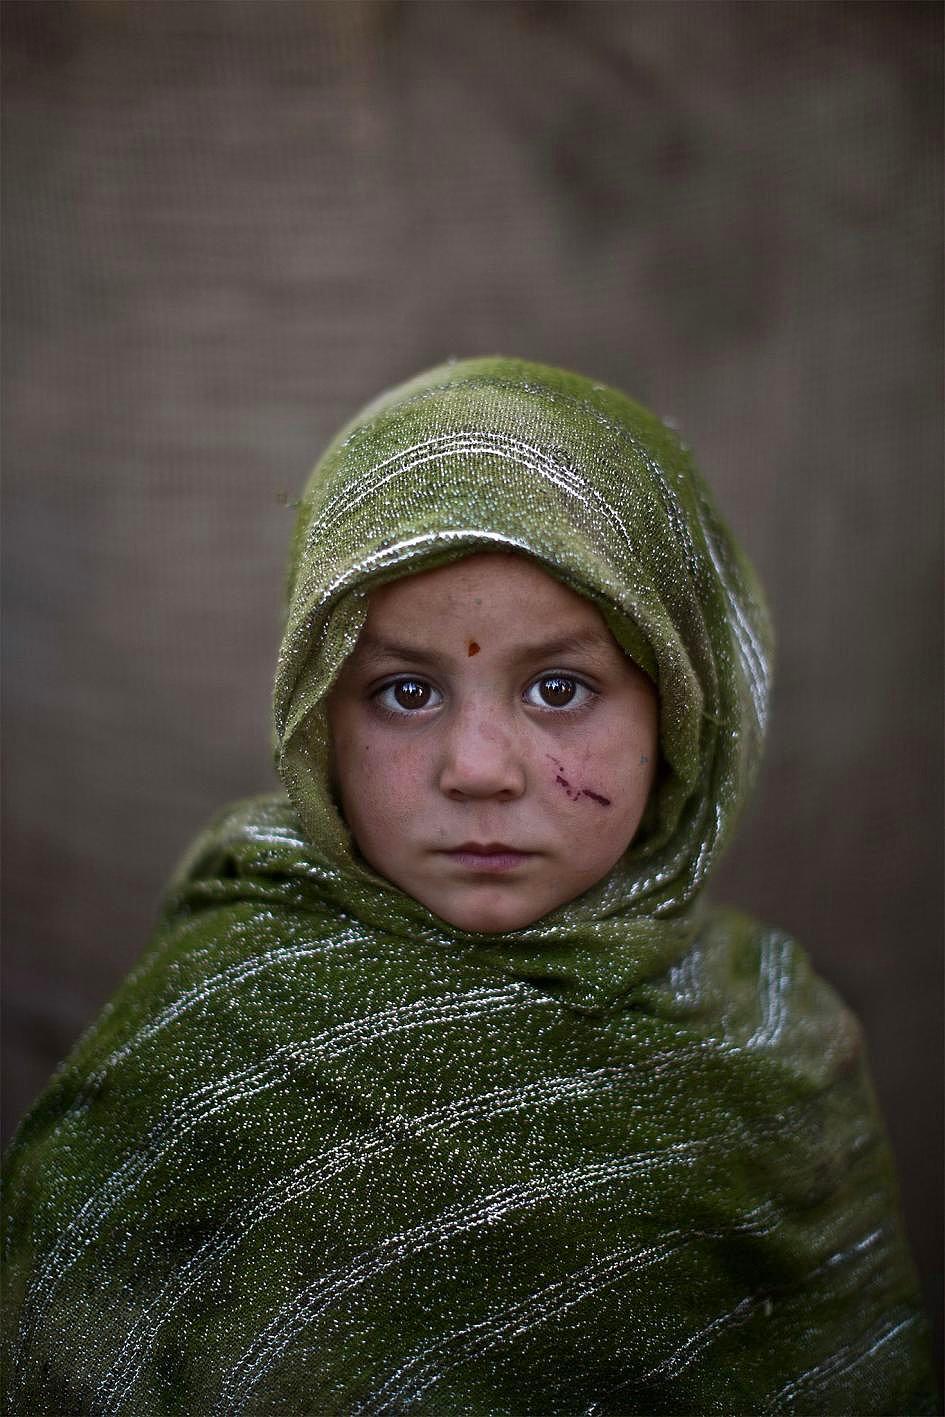 Savaşın Acısı Onların Gözlerinde 4